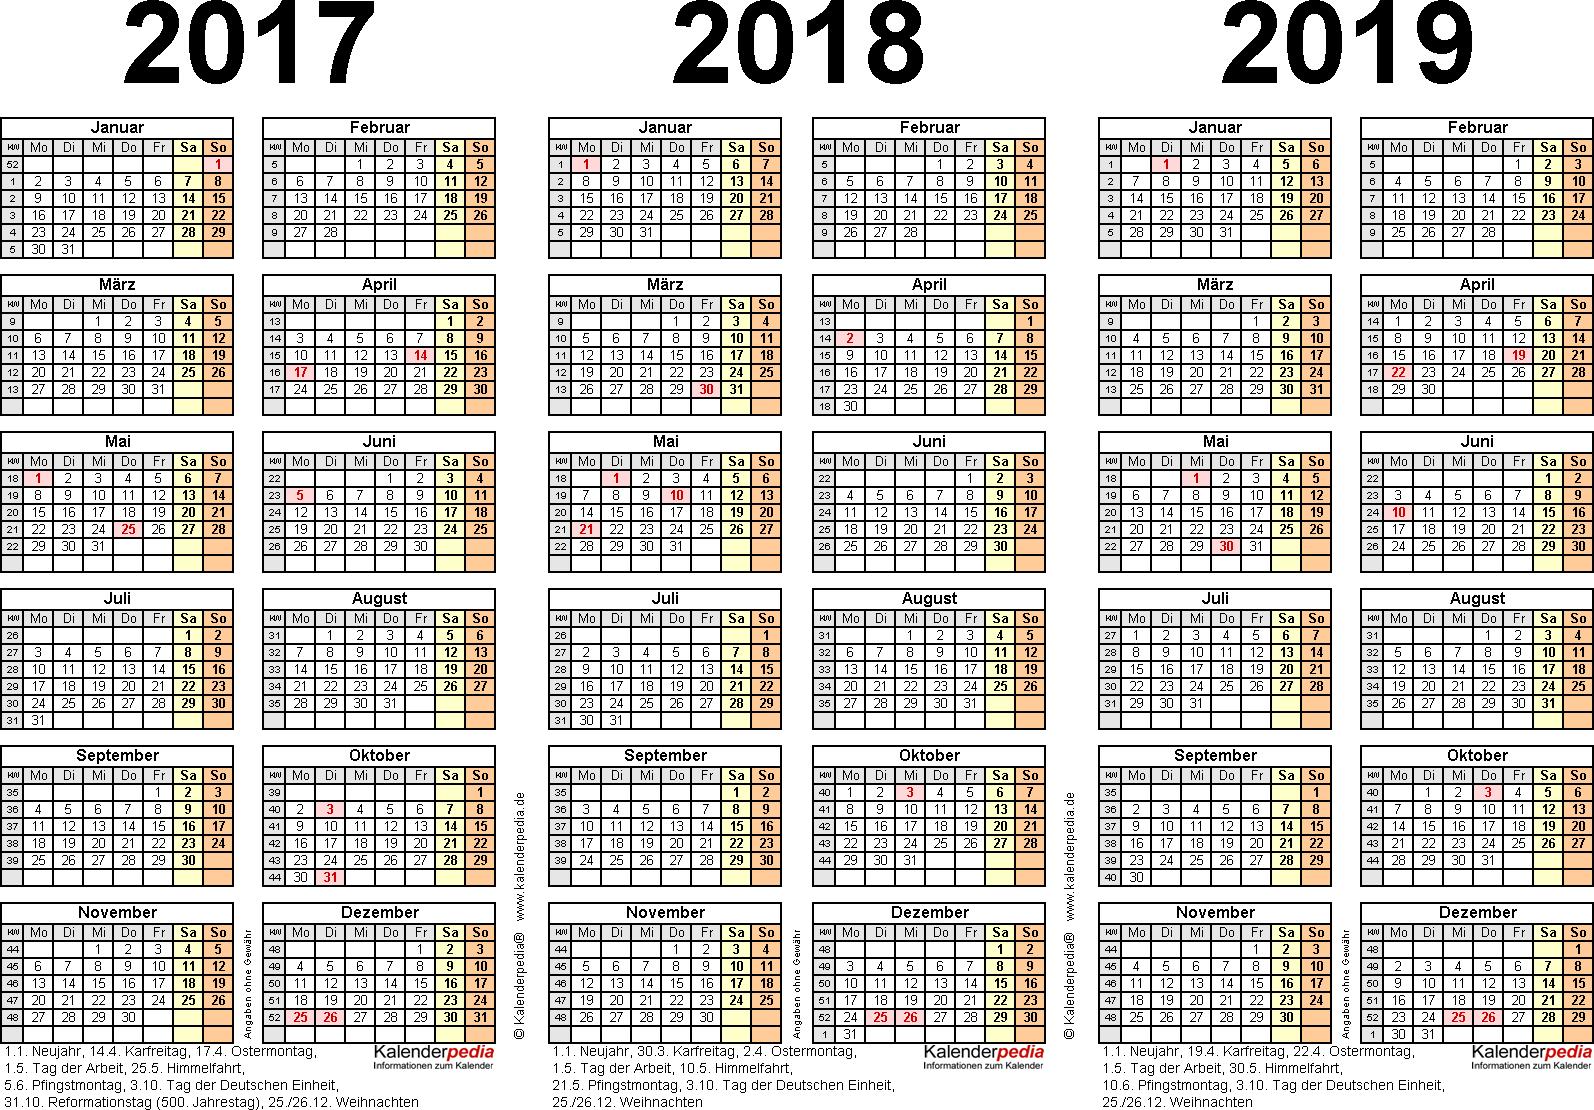 Excel-Vorlage für Dreijahreskalender 2017-2019 (Querformat, 1 Seite)